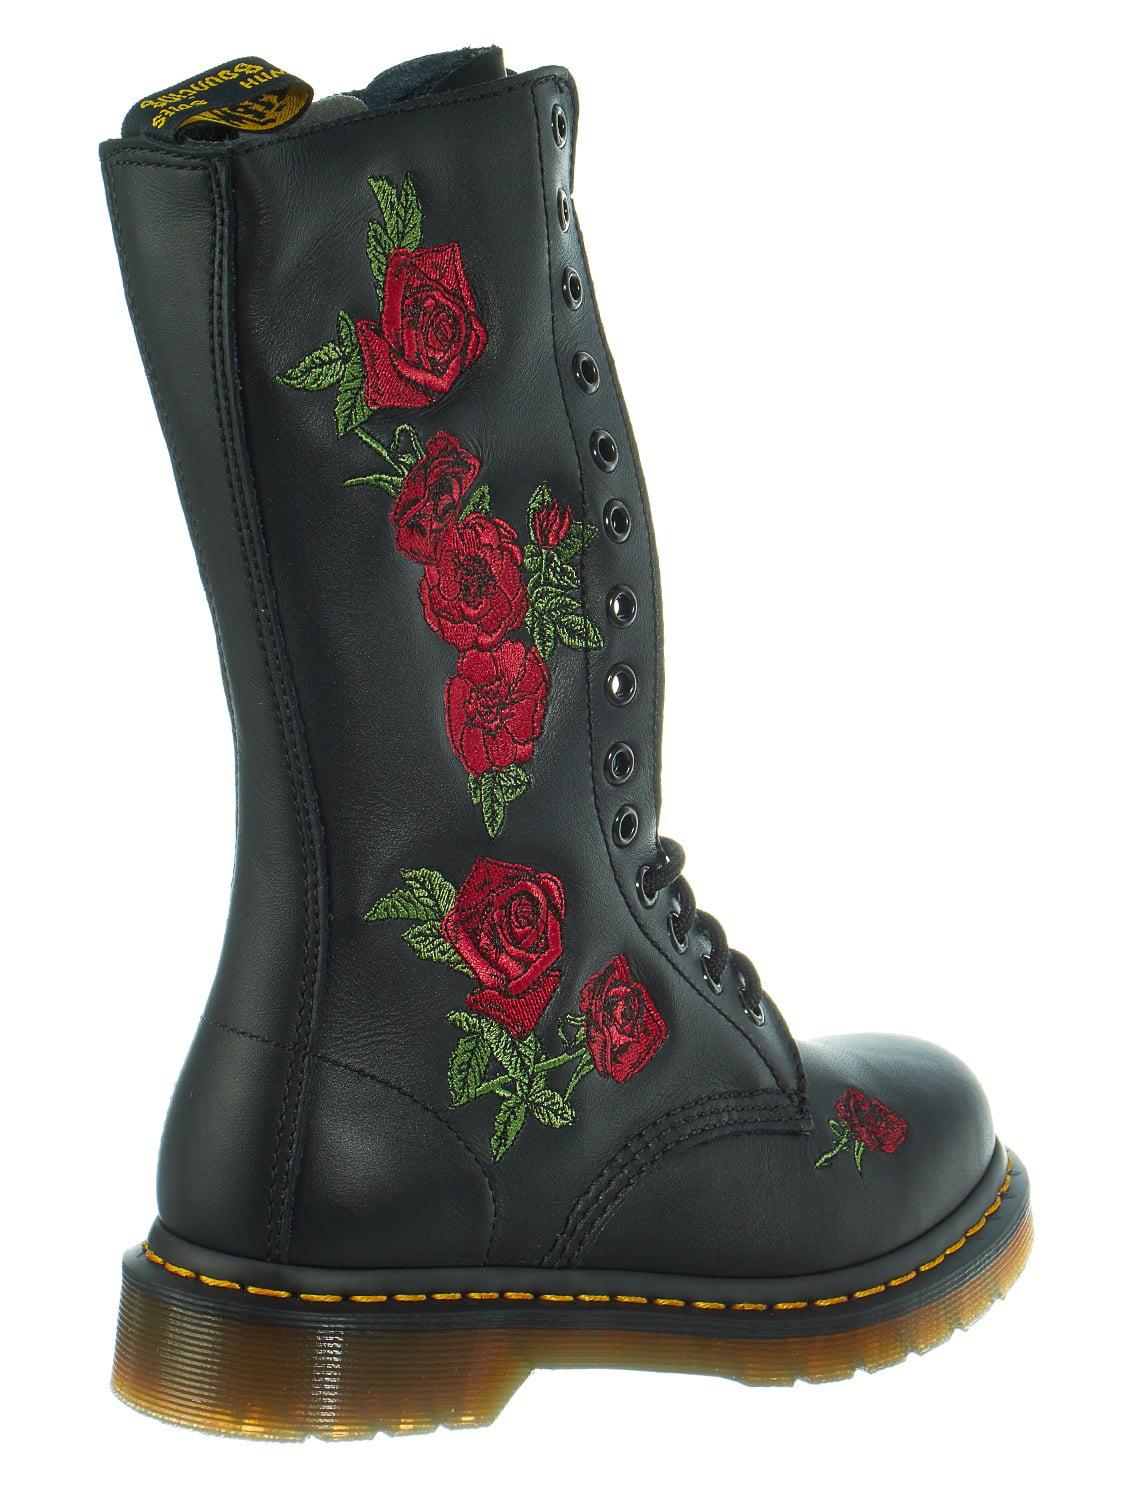 ff83d2923388 Dr. Martens - Dr. Martens Vonda Knee High 14-Eye Lace Up Boot Shoe - Womens  - Walmart.com